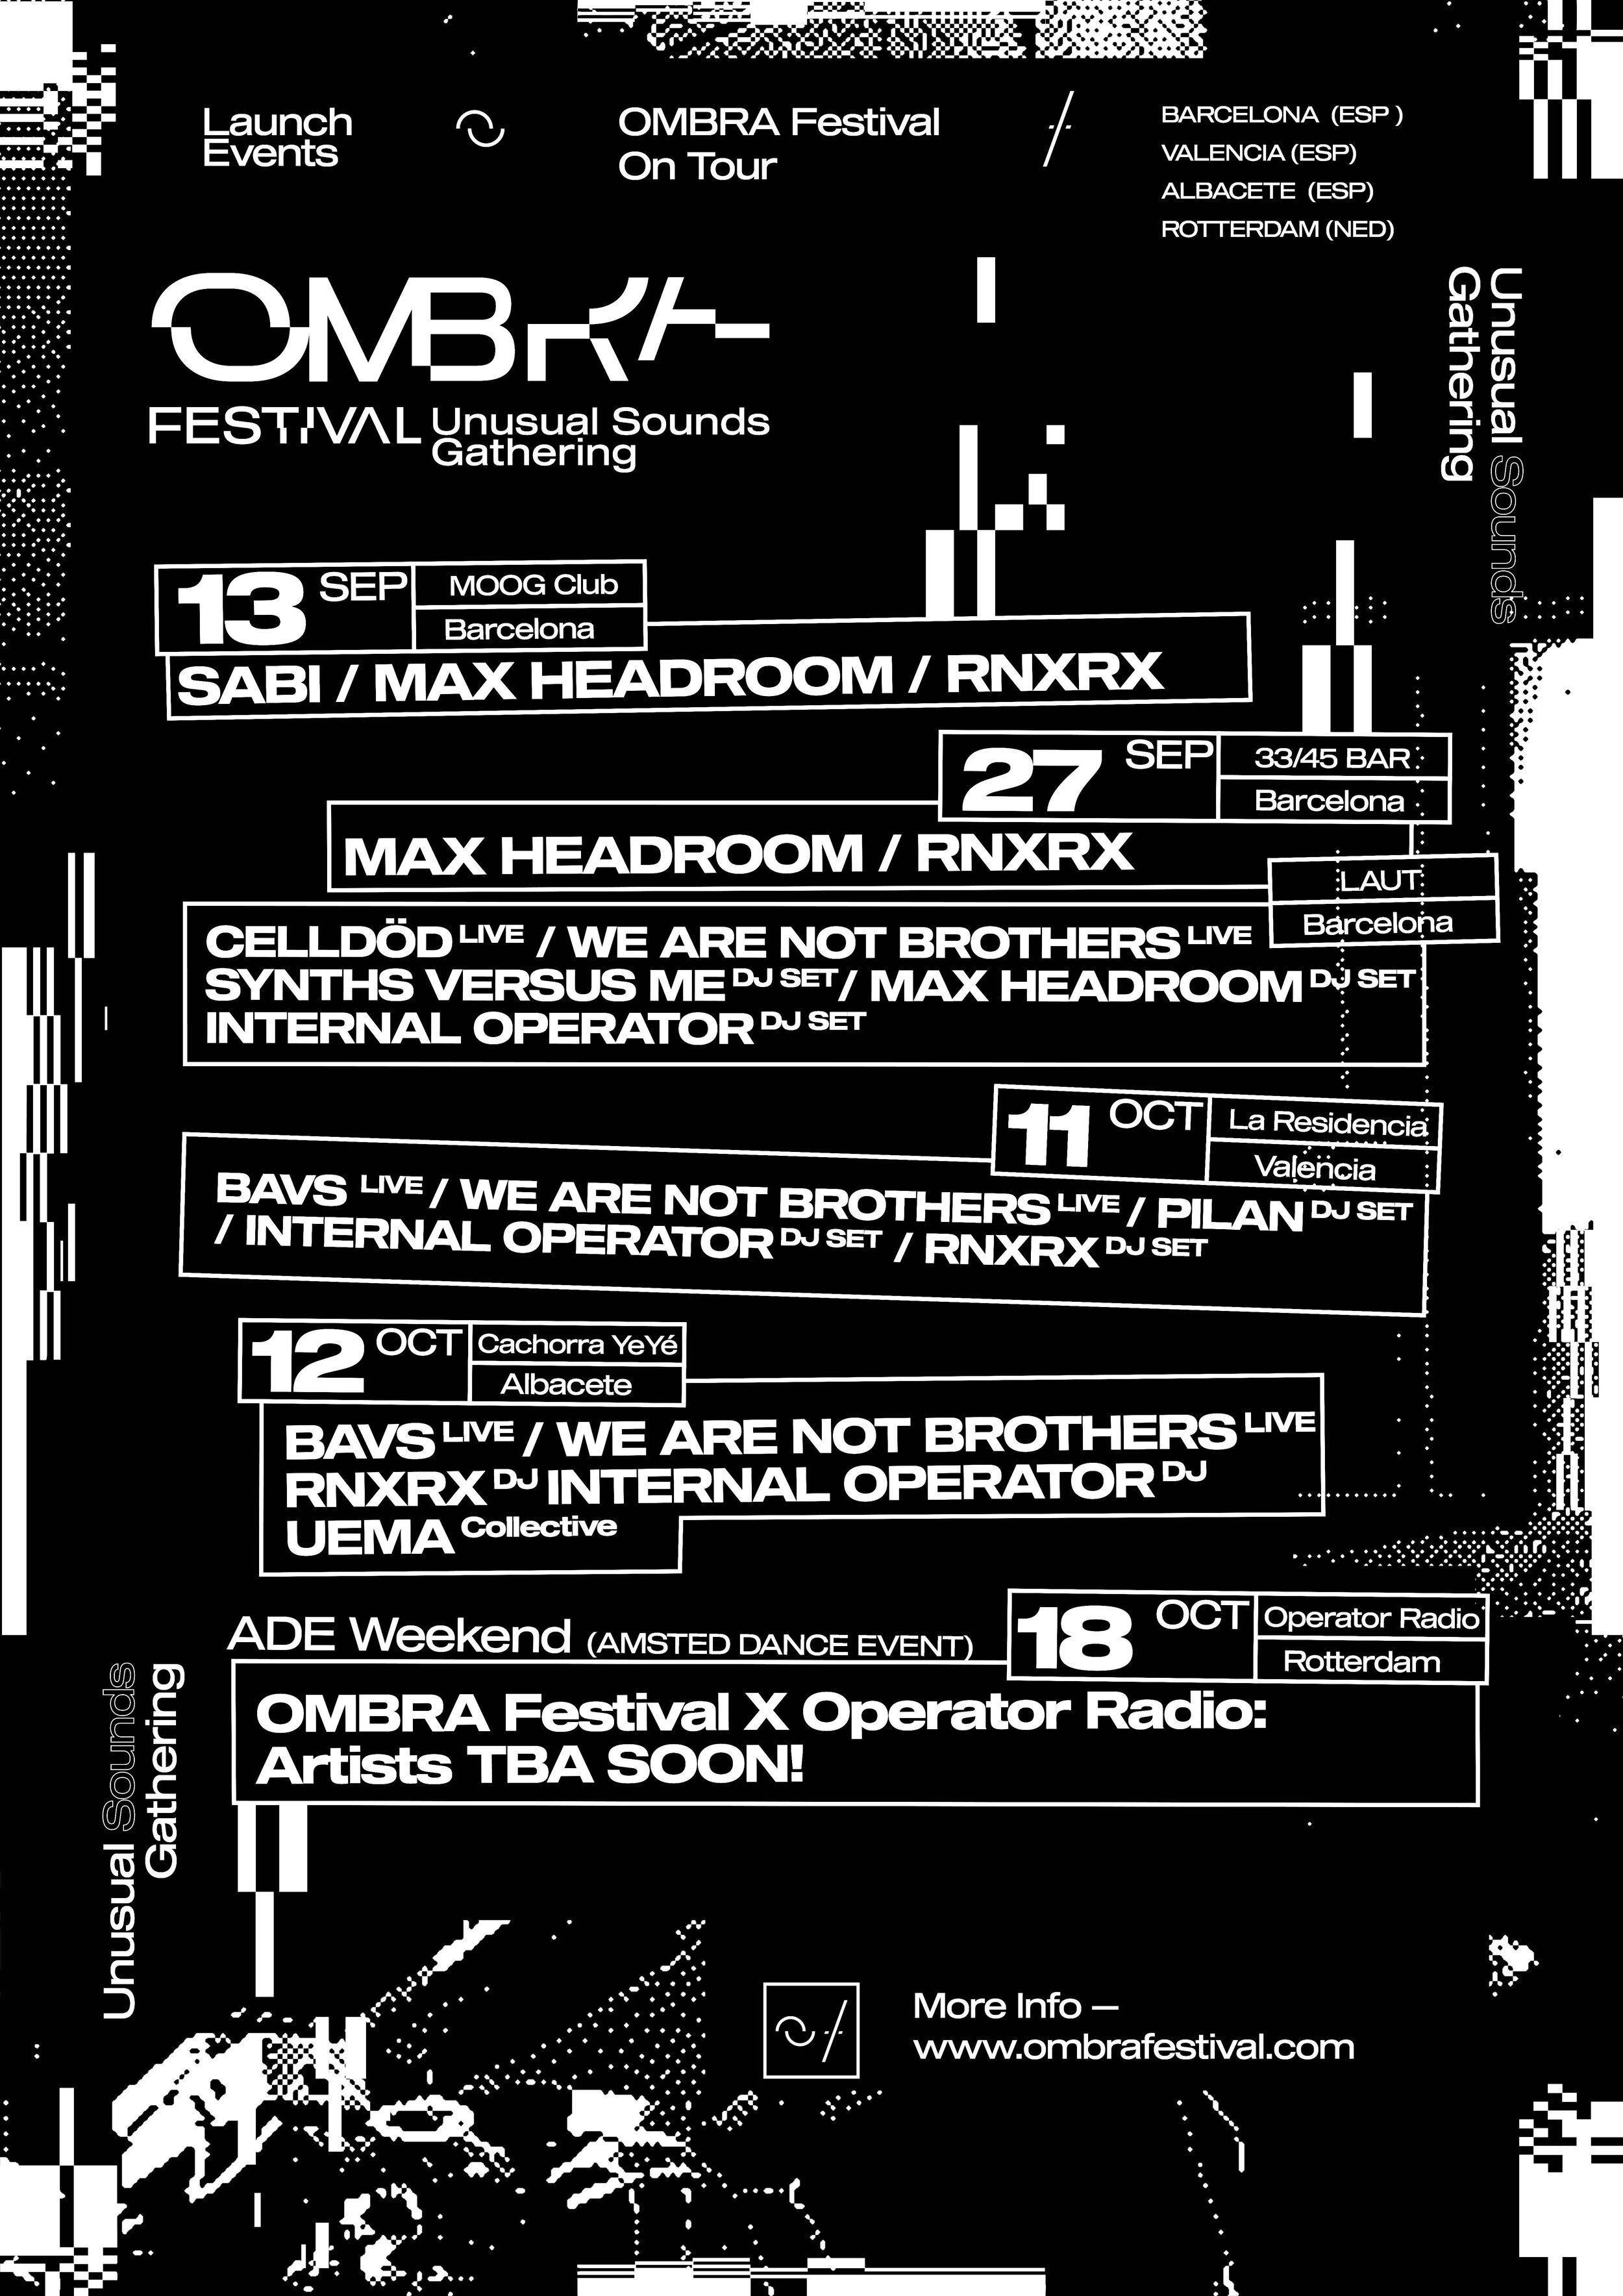 OMBRA Festival Poster TOUR.jpg